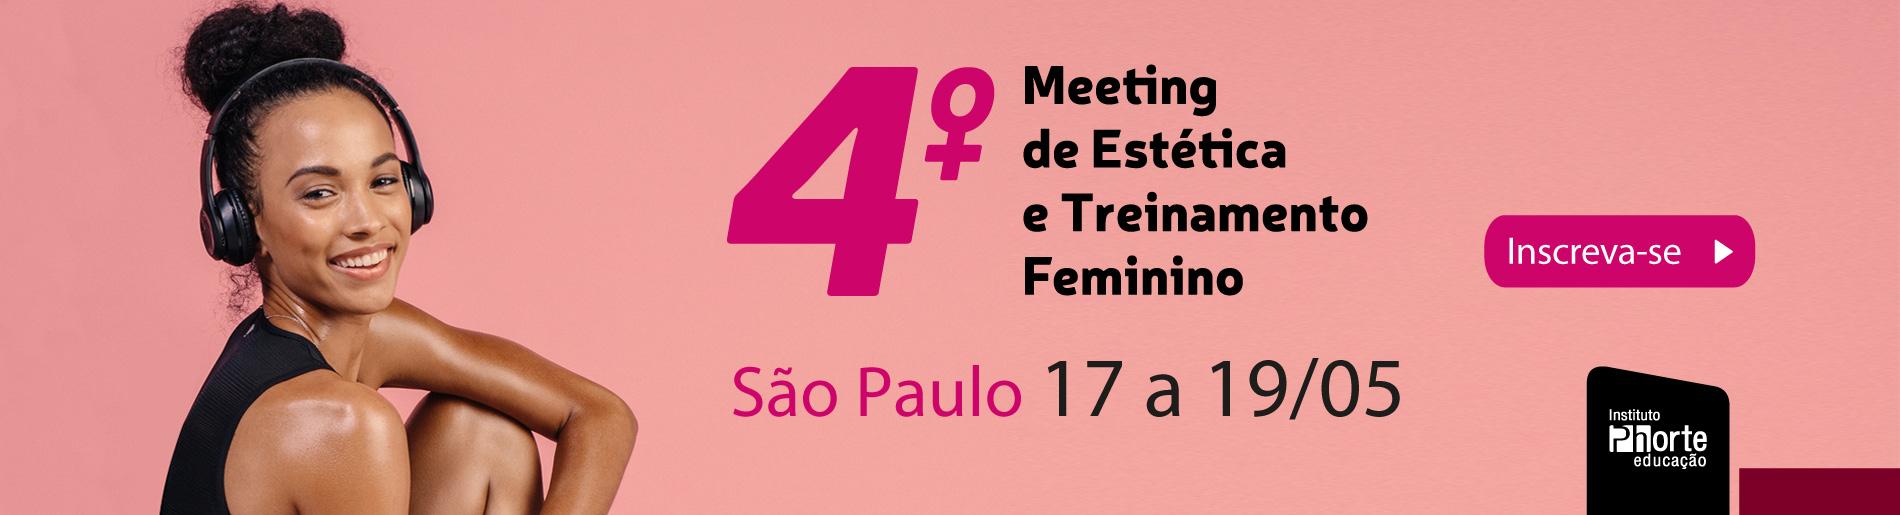 4º meeting de estética e treinamento feminino